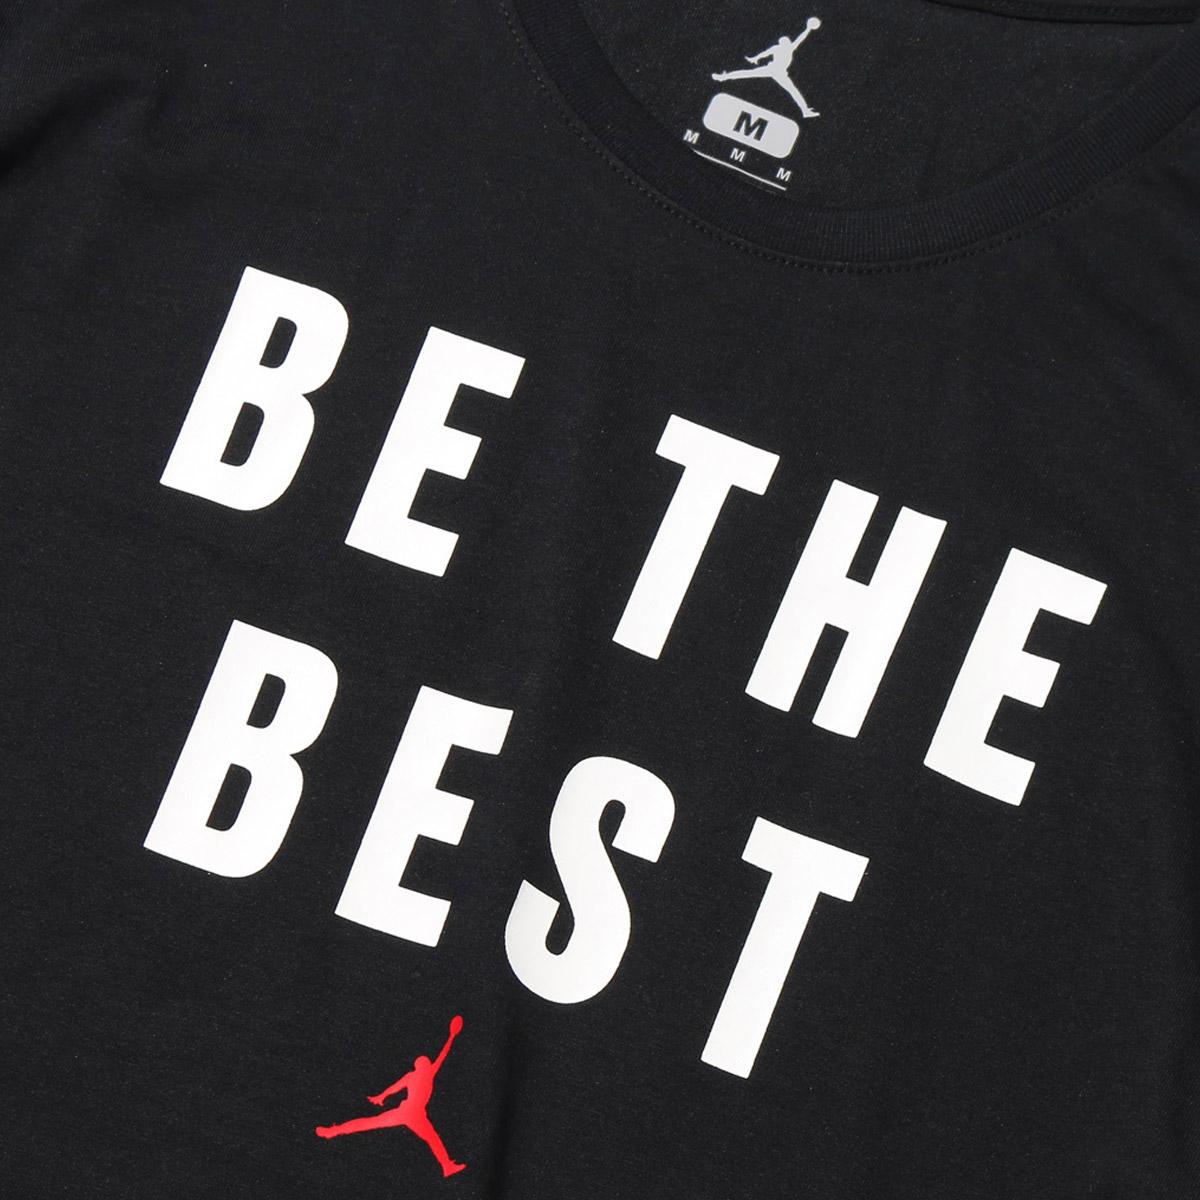 c31e00d55ce87c NIKE BEAT THE BEST DRI-FIT TEE (Jordan BEAT THE BEST S S T-shirt)  BLACK (UNIVERSITY RED) 17FA-I